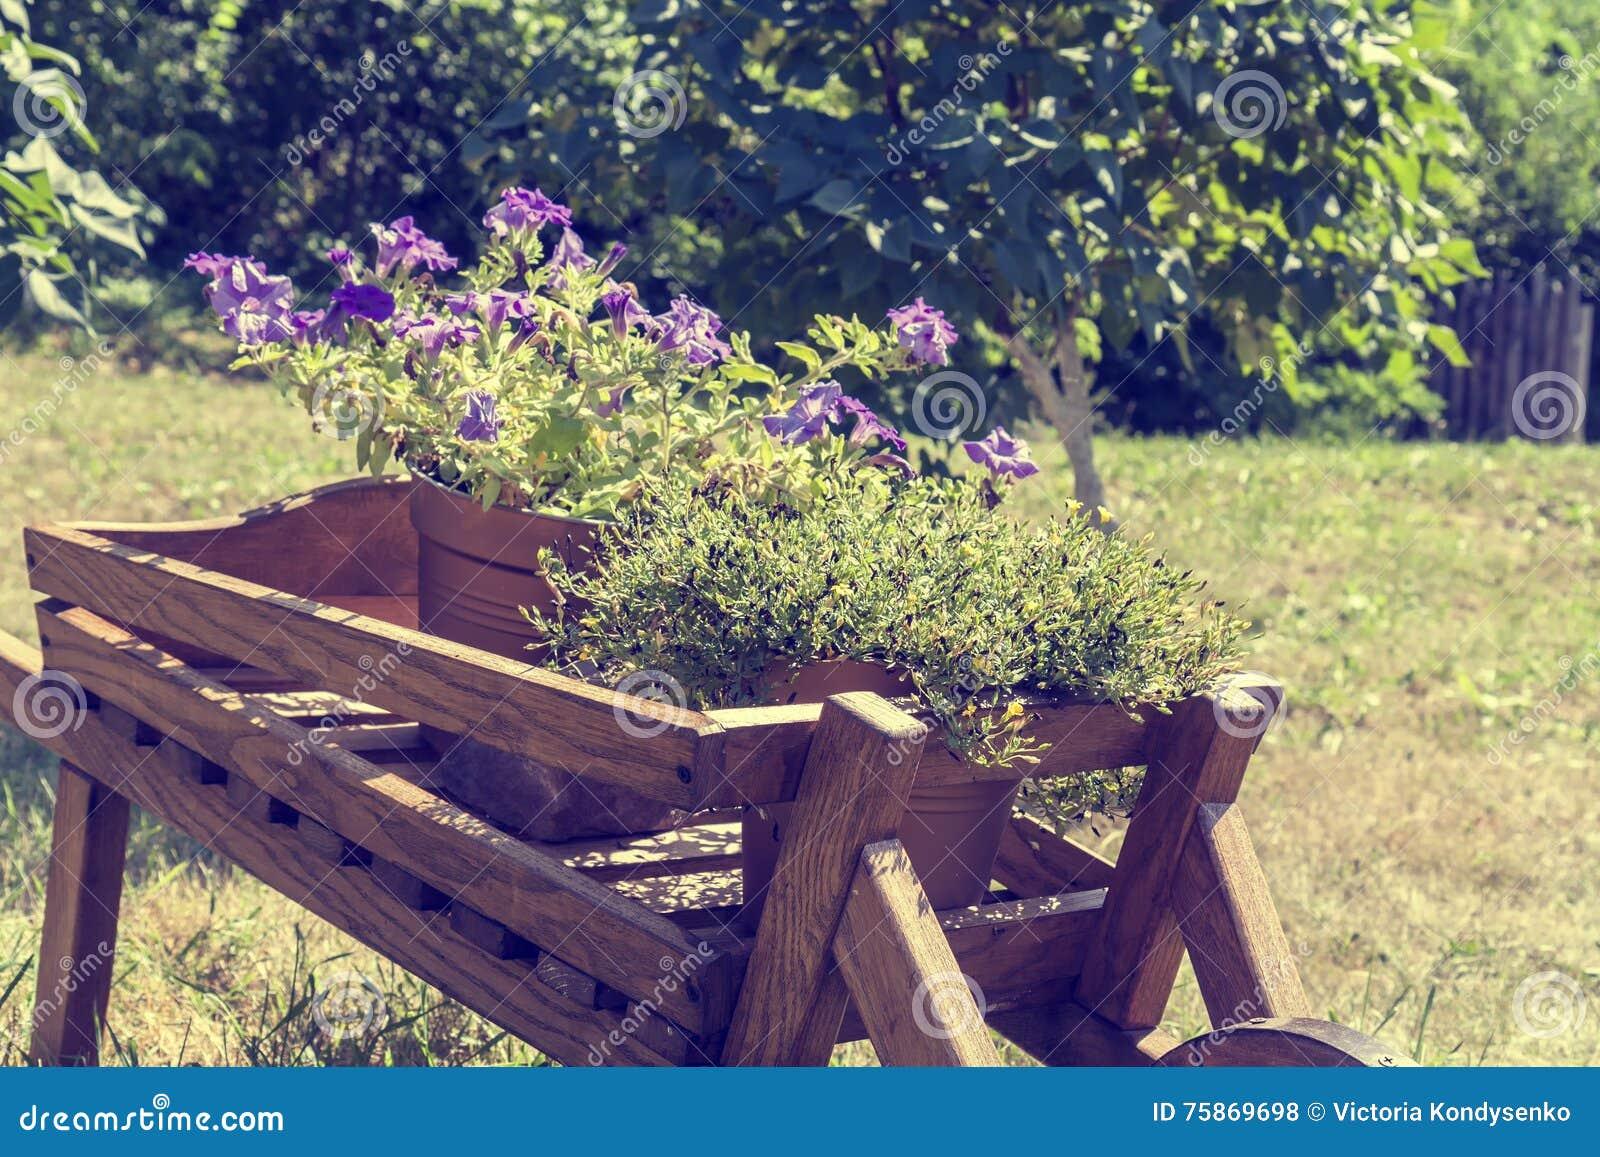 Fabulous download decorazione di legno della carriola con i fiori in un giardino fotografia - Decorare un giardino ...